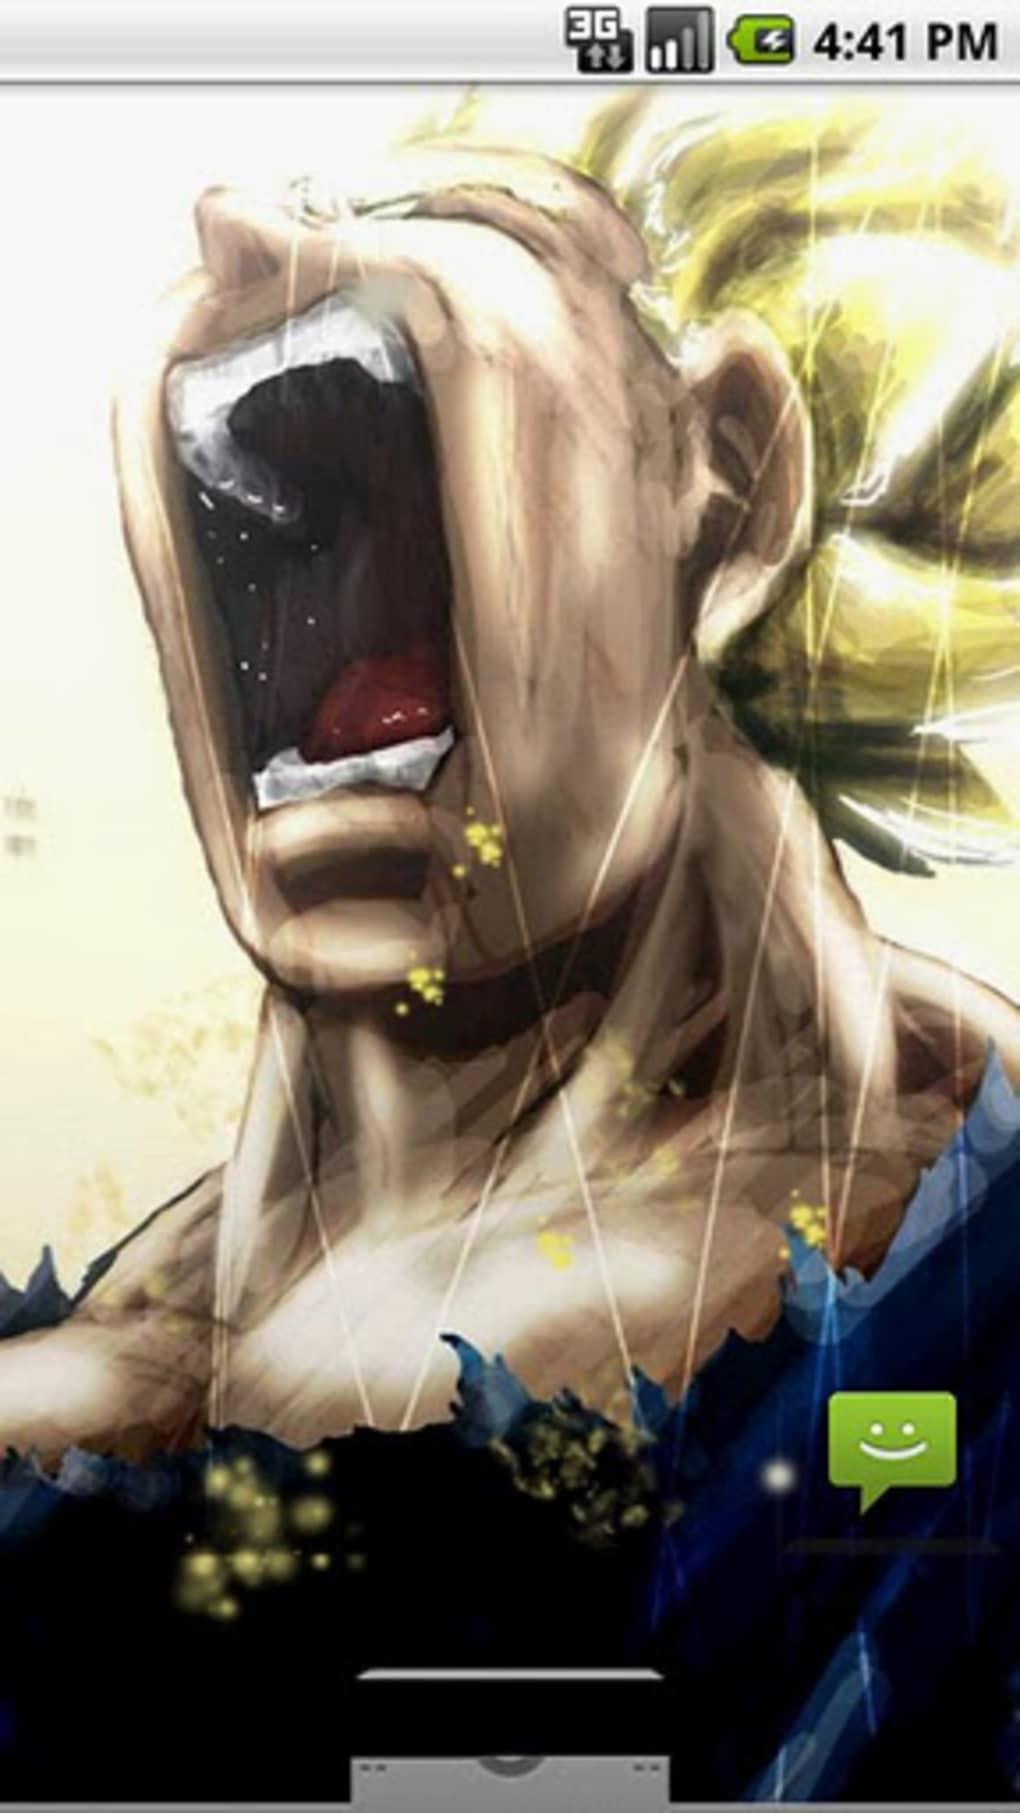 Super saiyan live wallpaper para android descargar - Super saiyan live wallpaper ...